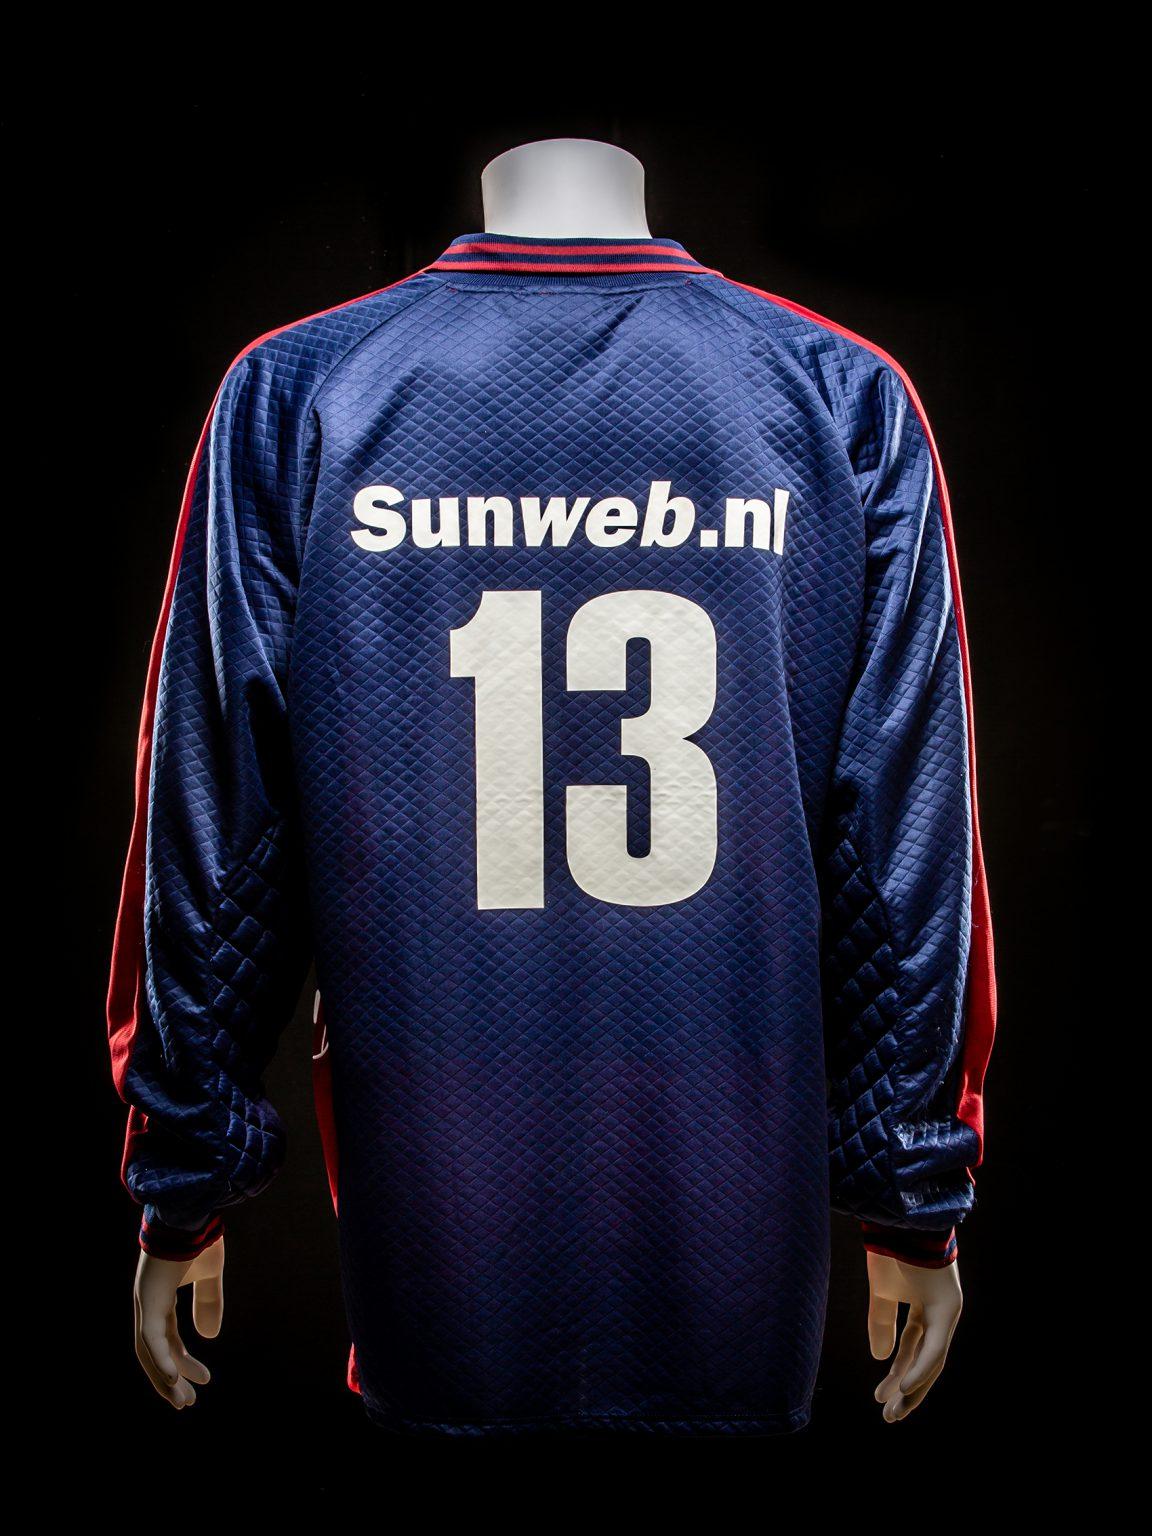 #13 Sunweb